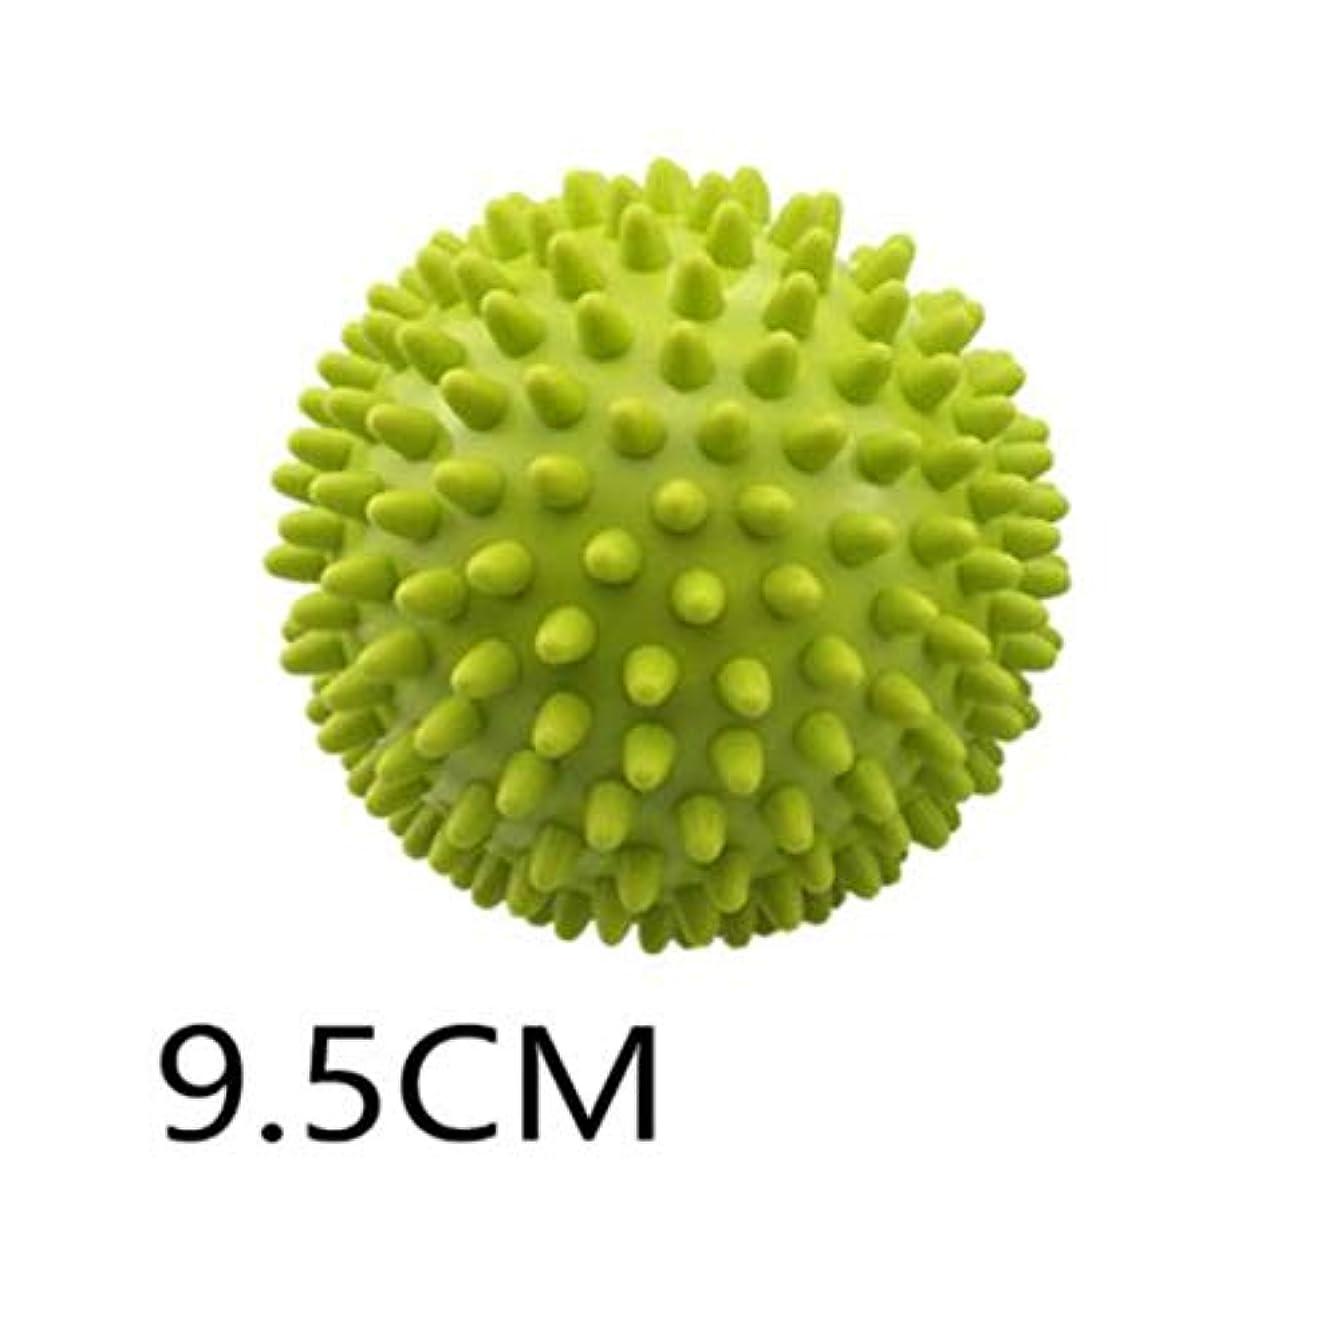 臨検ネクタイ区画とげのボール - グリーン